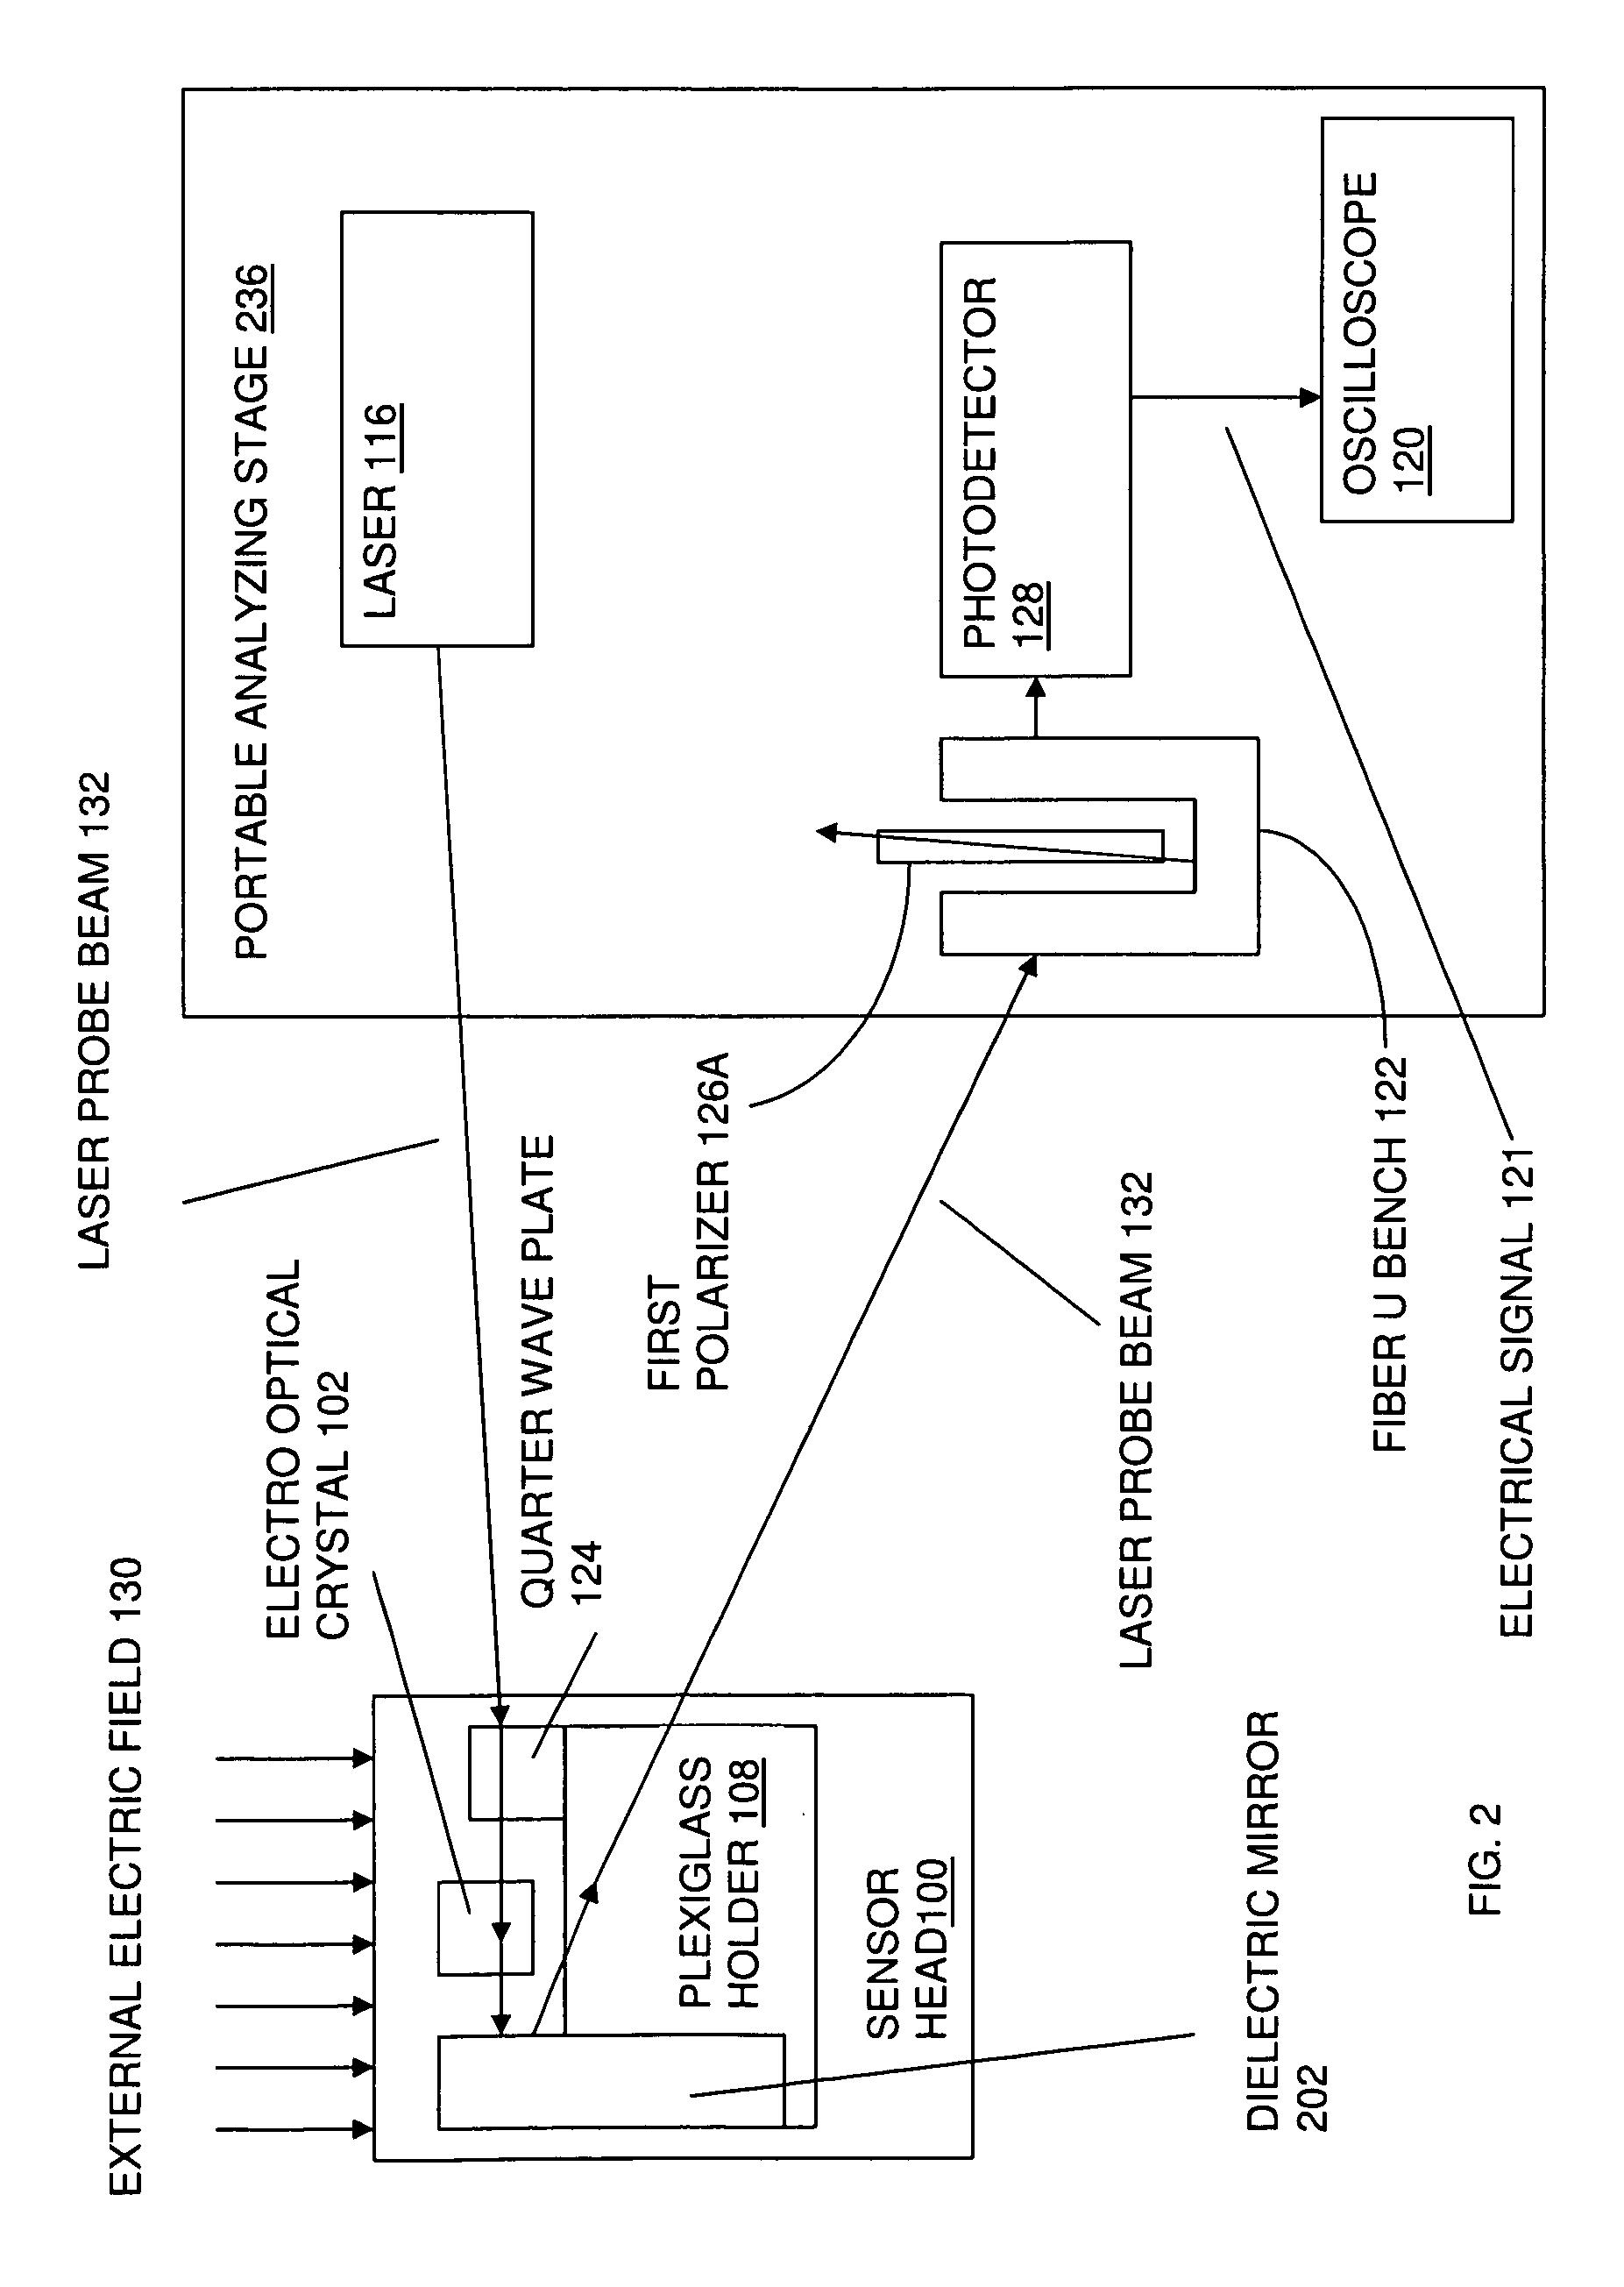 patent us7920263